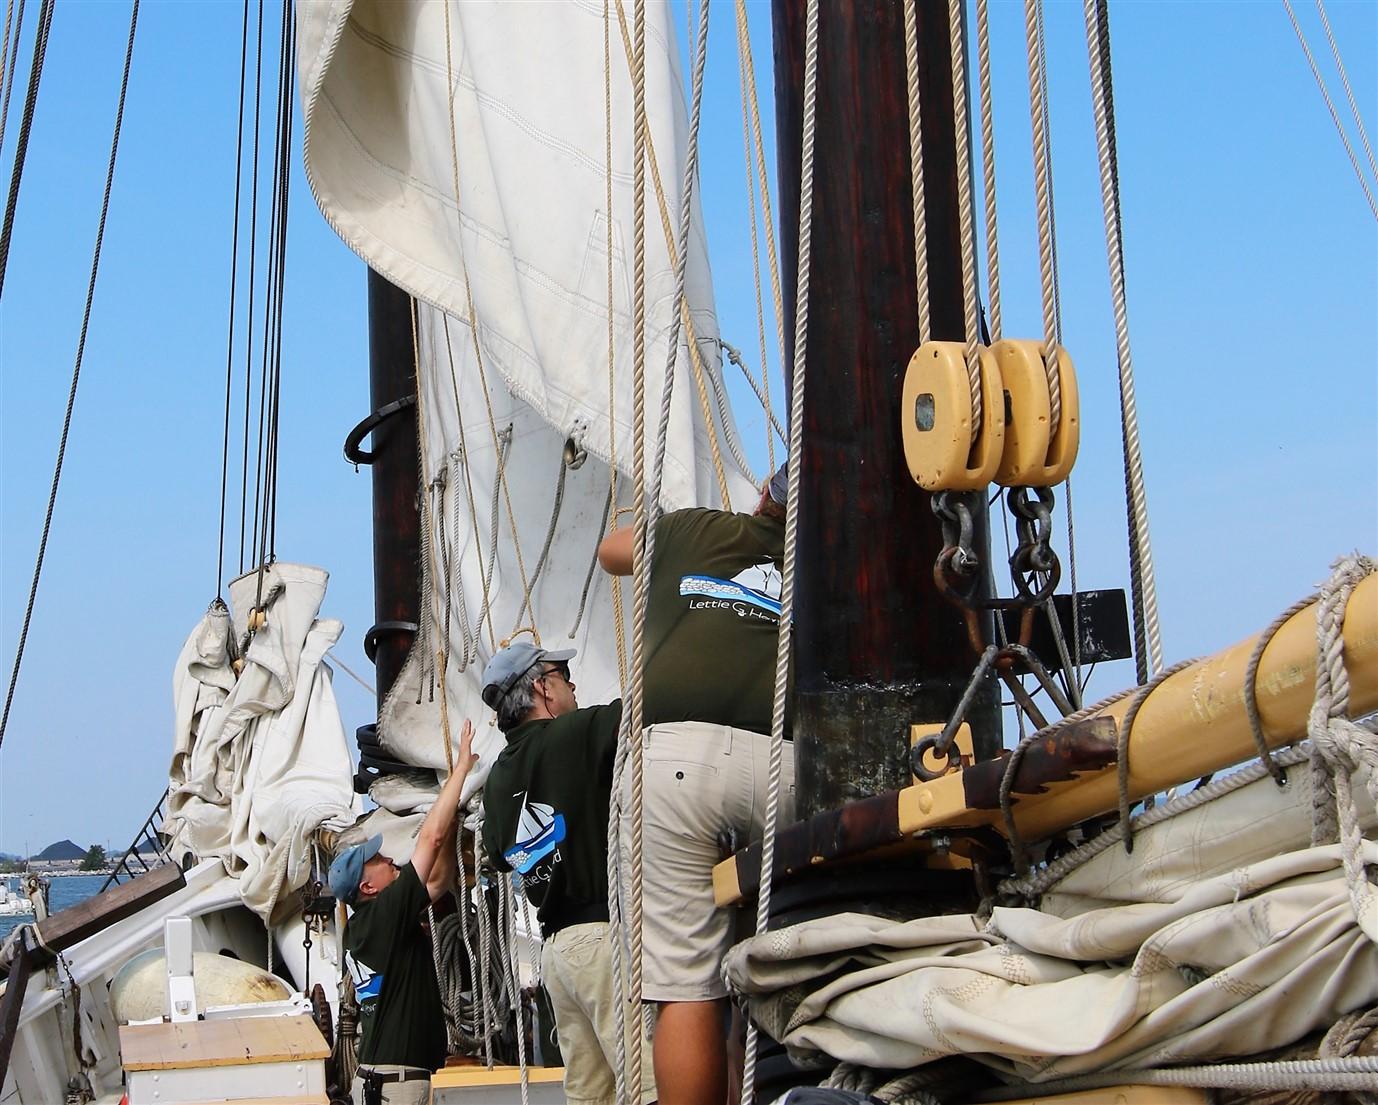 2018 07 14 179 Sandusky OH Festival of Sail.jpg